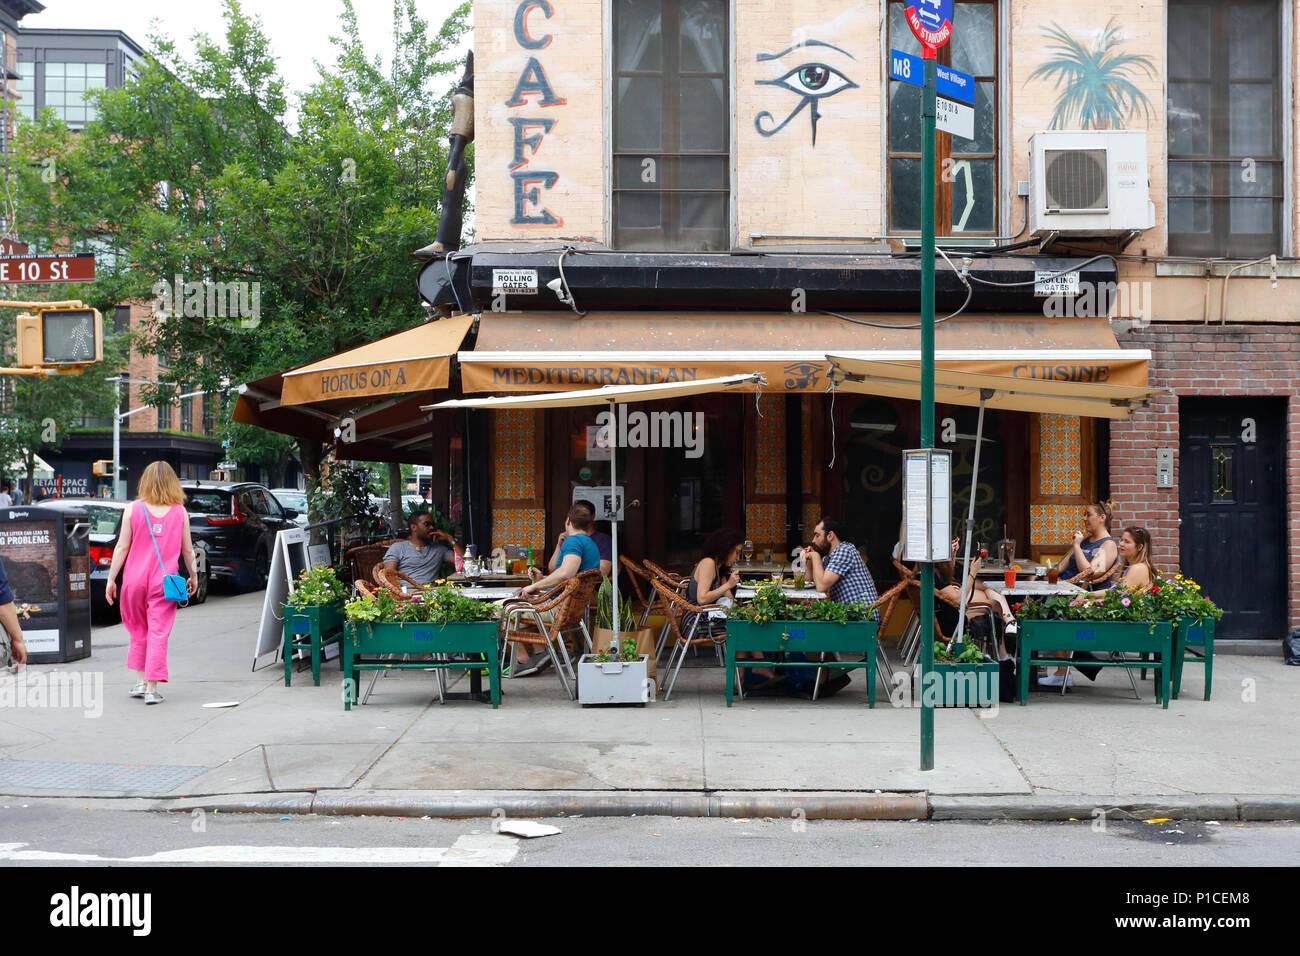 Horus Cafe on A, 293 E 10th St, New York, NY. - Stock Image